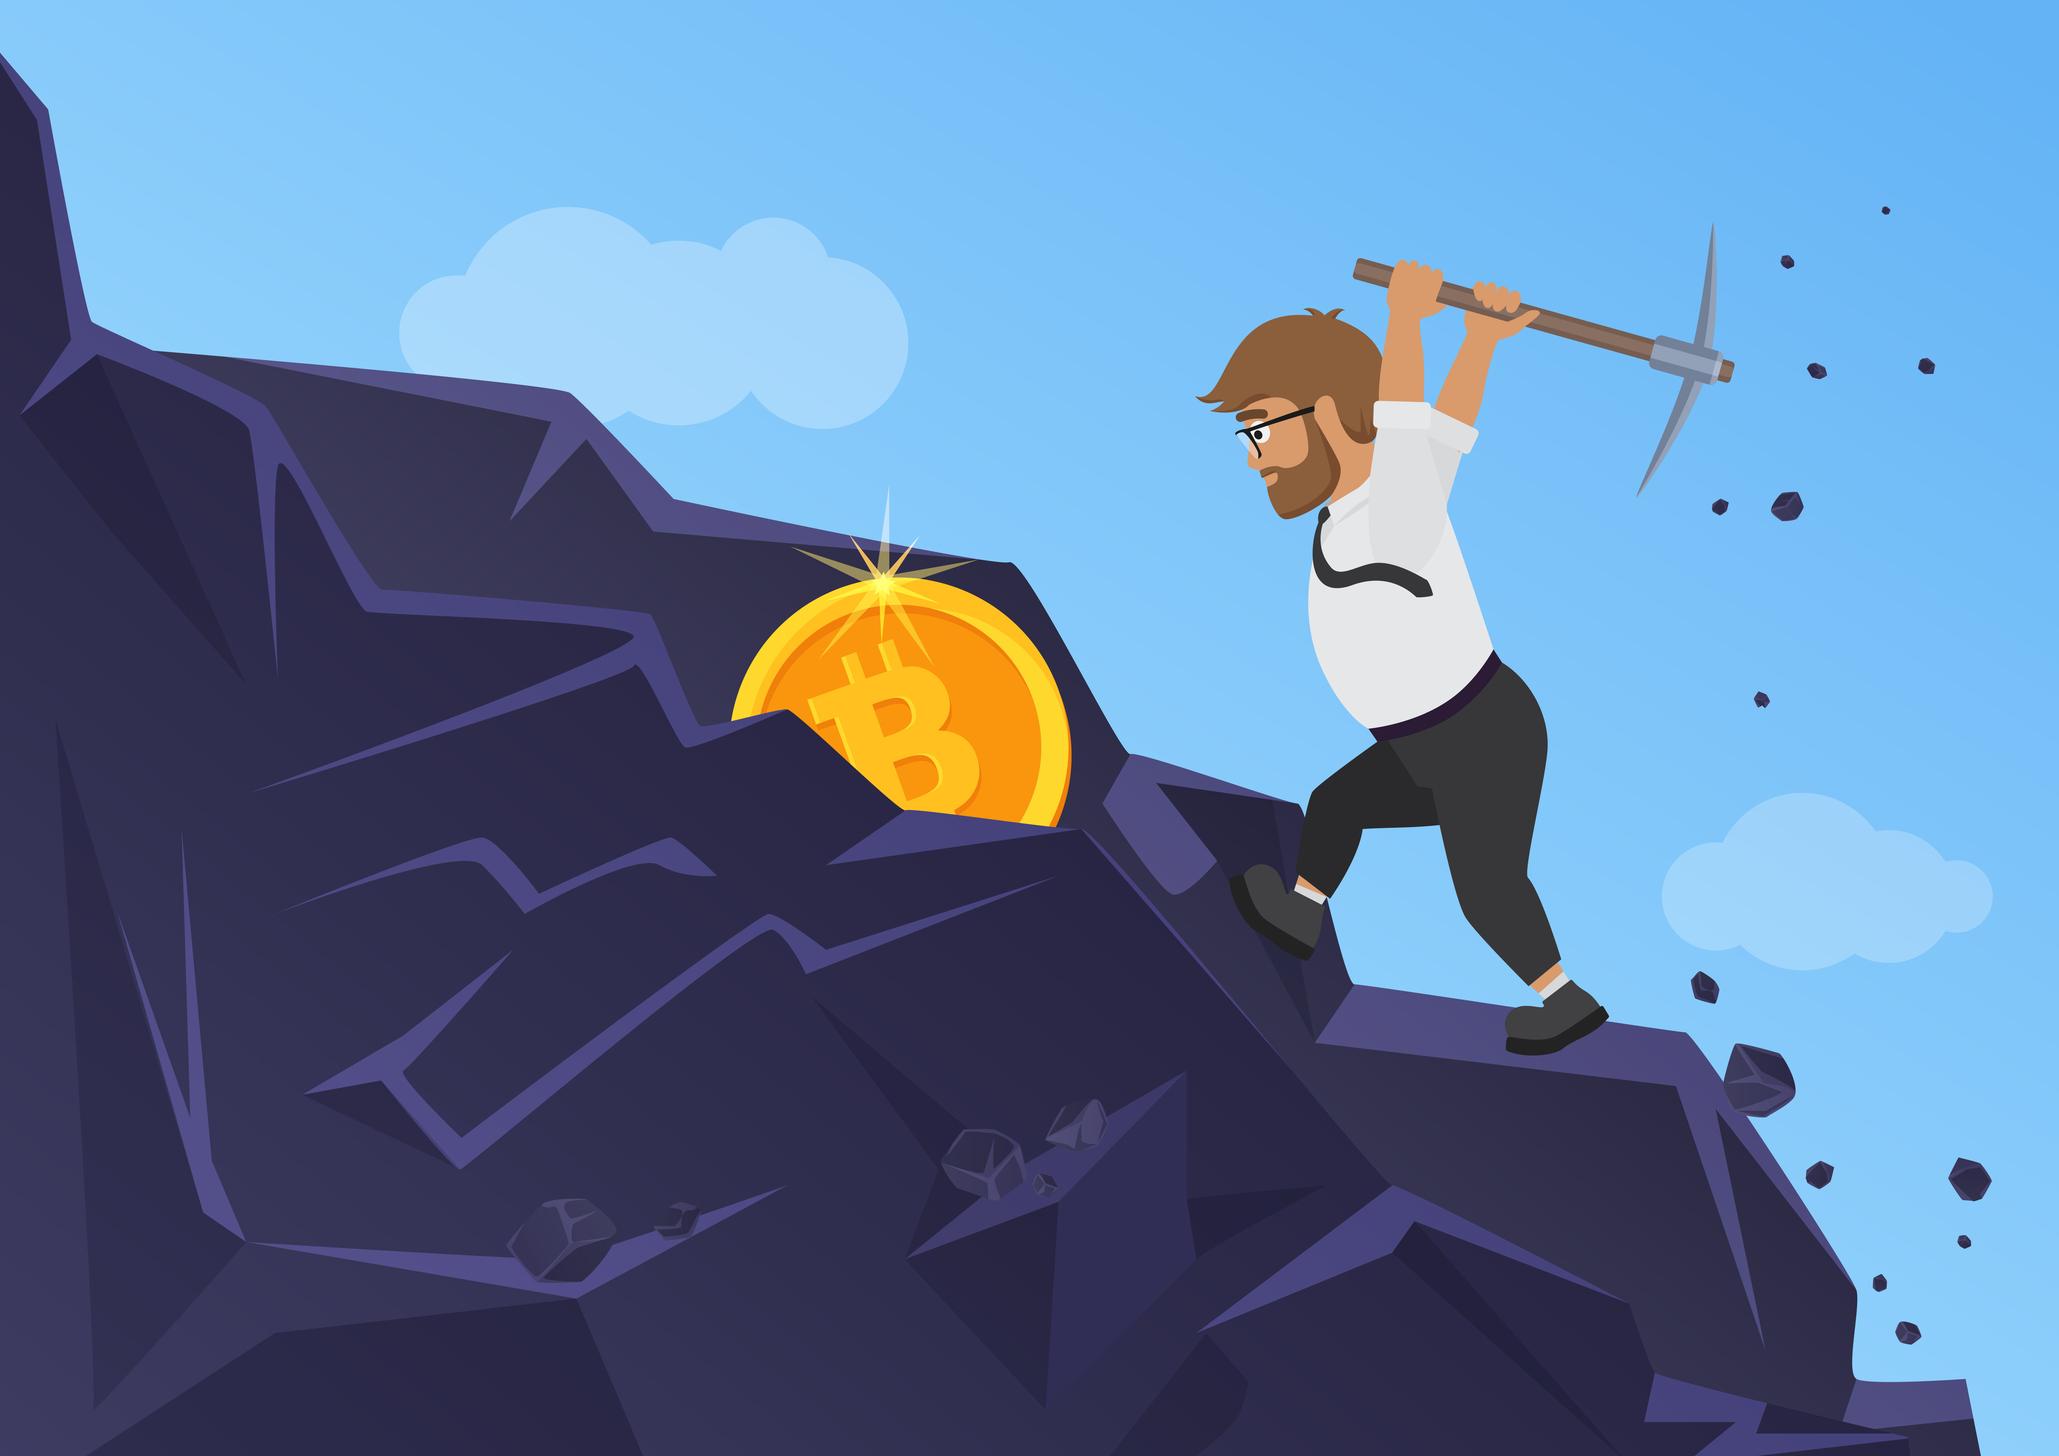 hoe moet je cryptocurrency minen